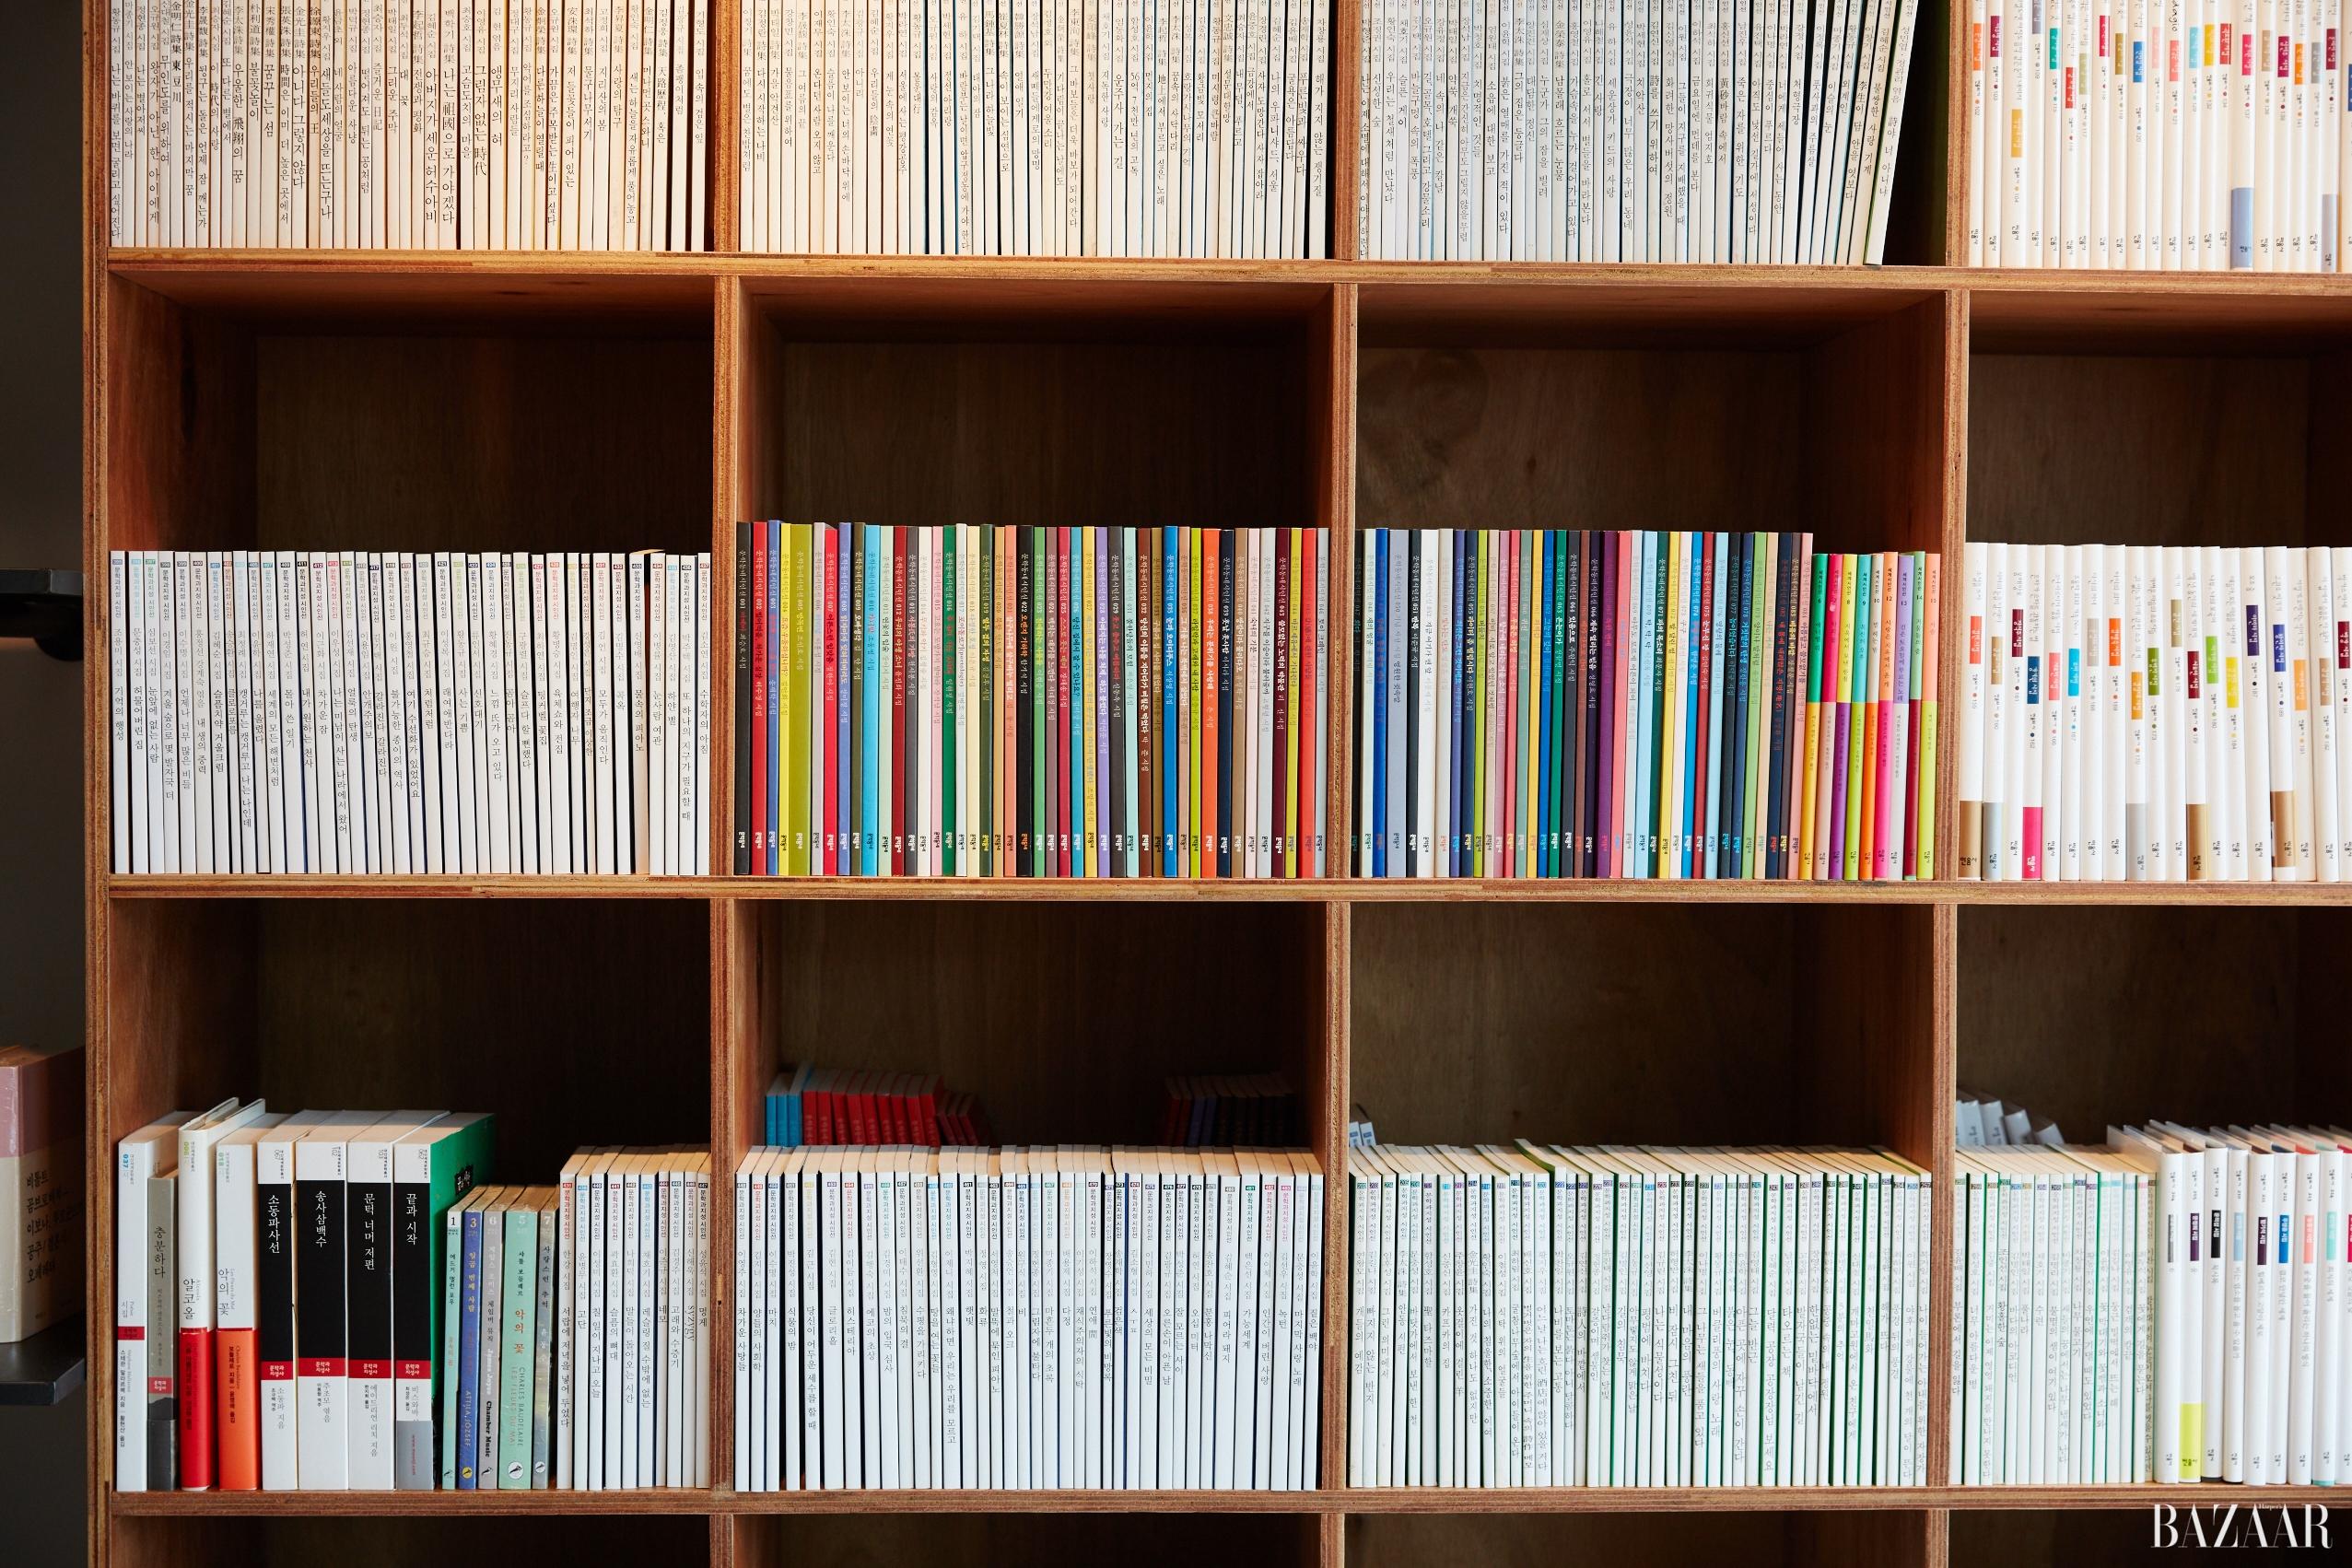 두 명의 작가가 두 곳의 전문 서점을 탐문했다. 추리소설 전문 서점 미스터리 유니온과 시집 전문 서점 위트 앤 시니컬에서 보낸 시간.